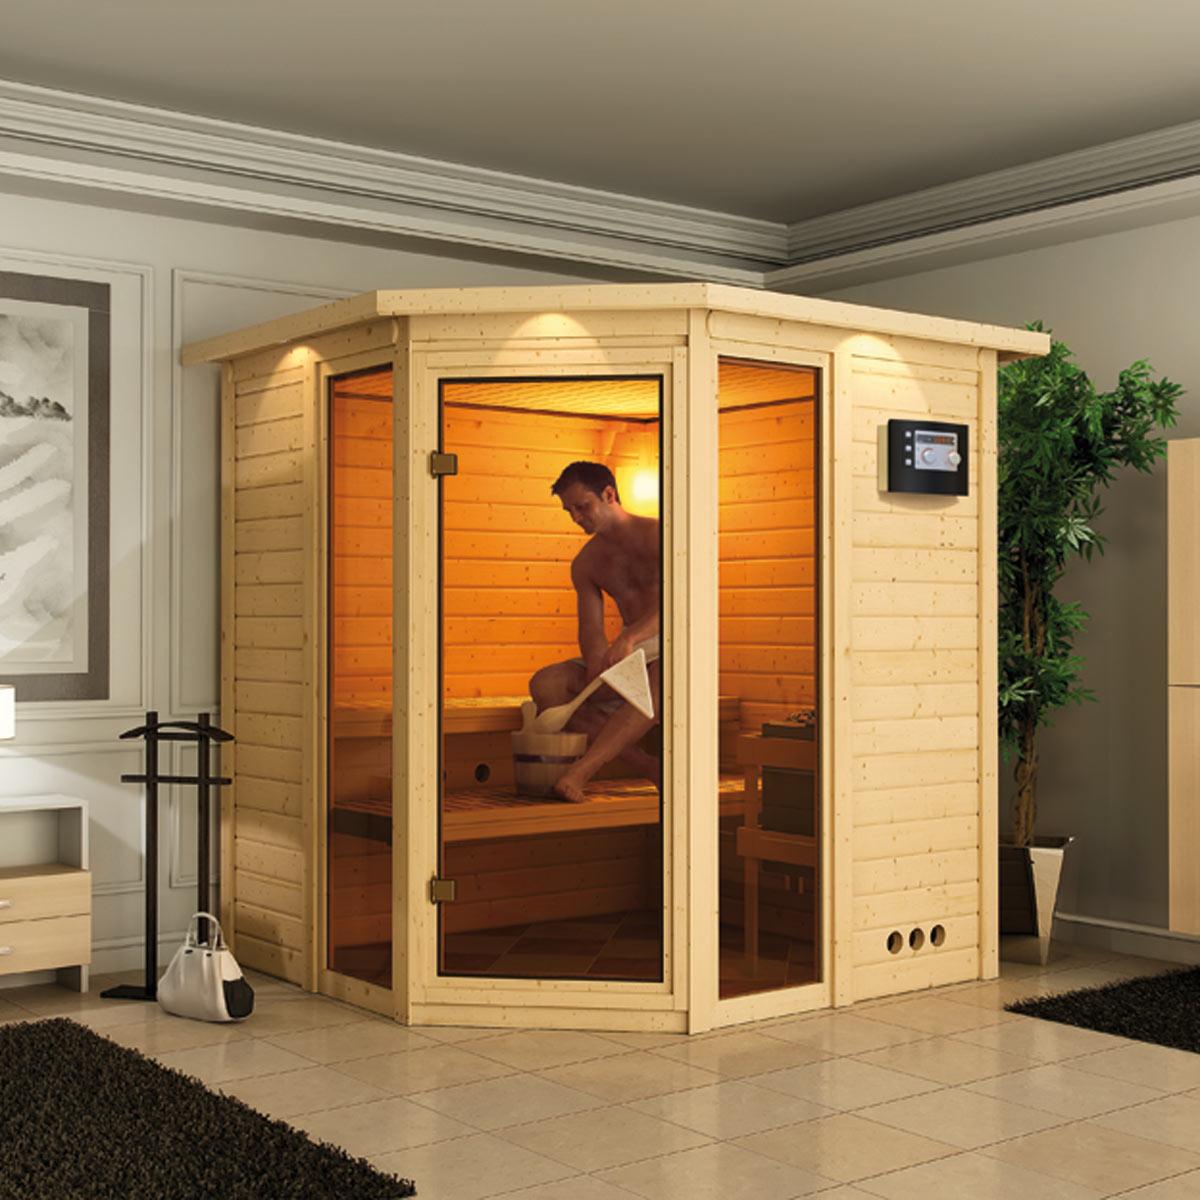 Sauna pas cher dans la capitale - Sauna paris pas cher ...